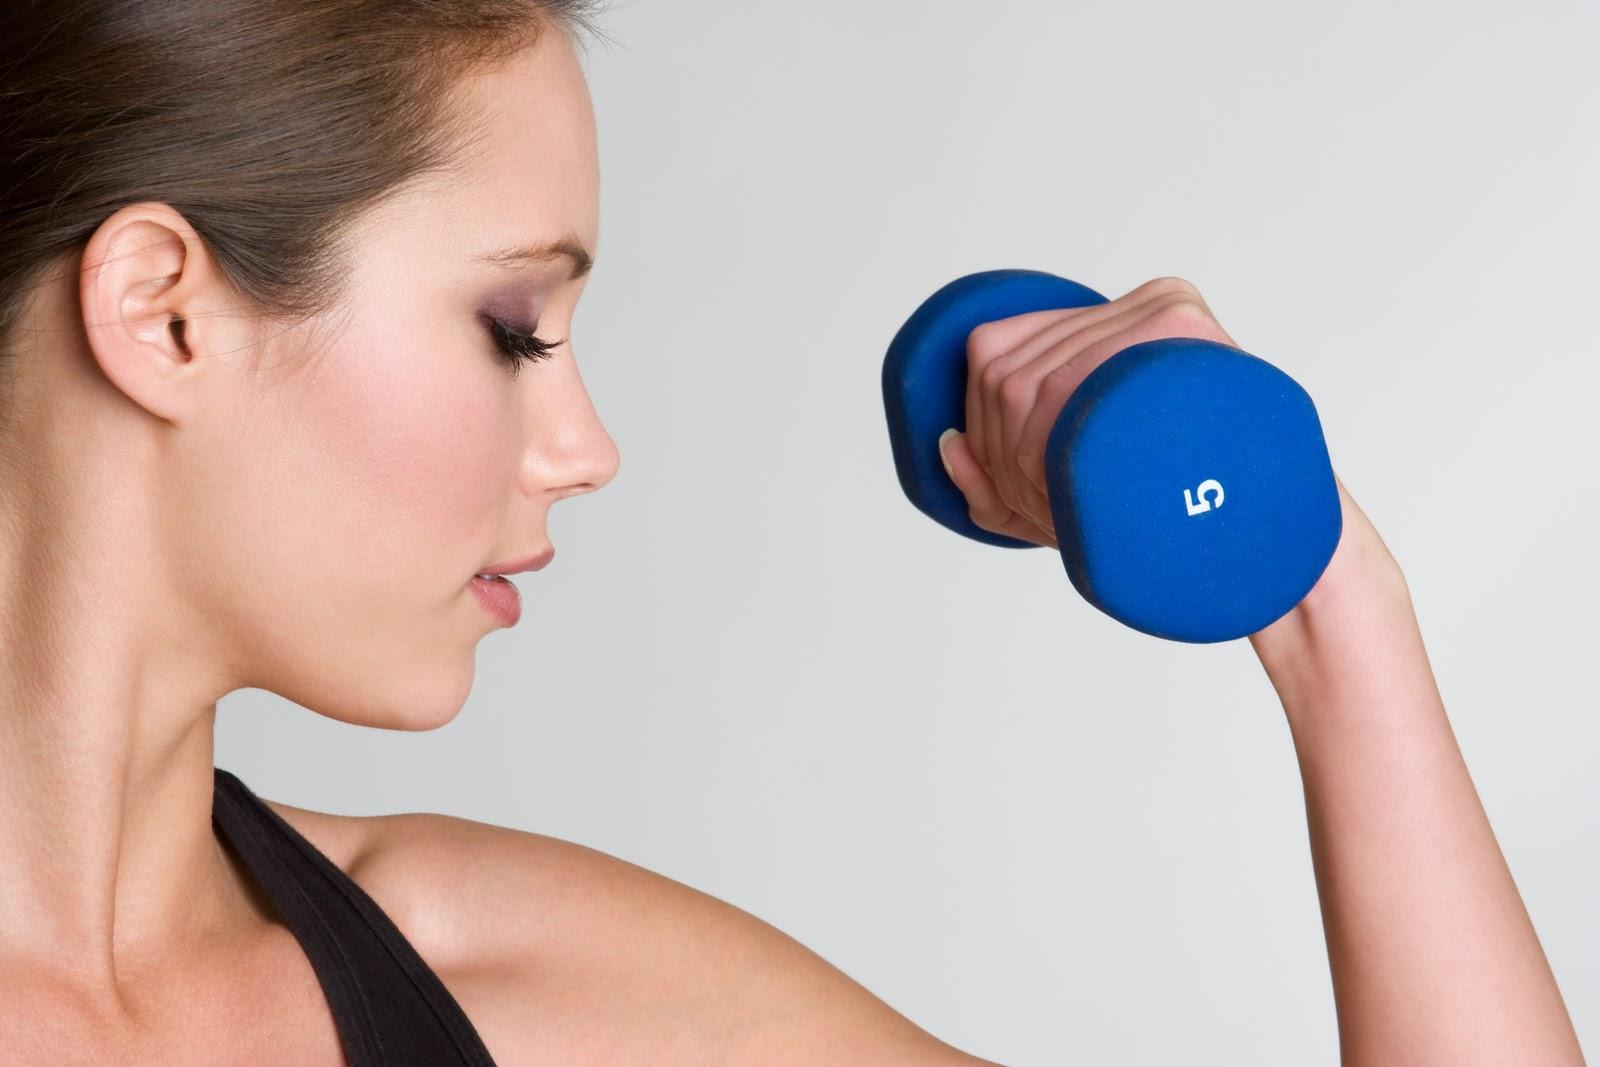 เริ่มออกกำลังกายยังไงดี